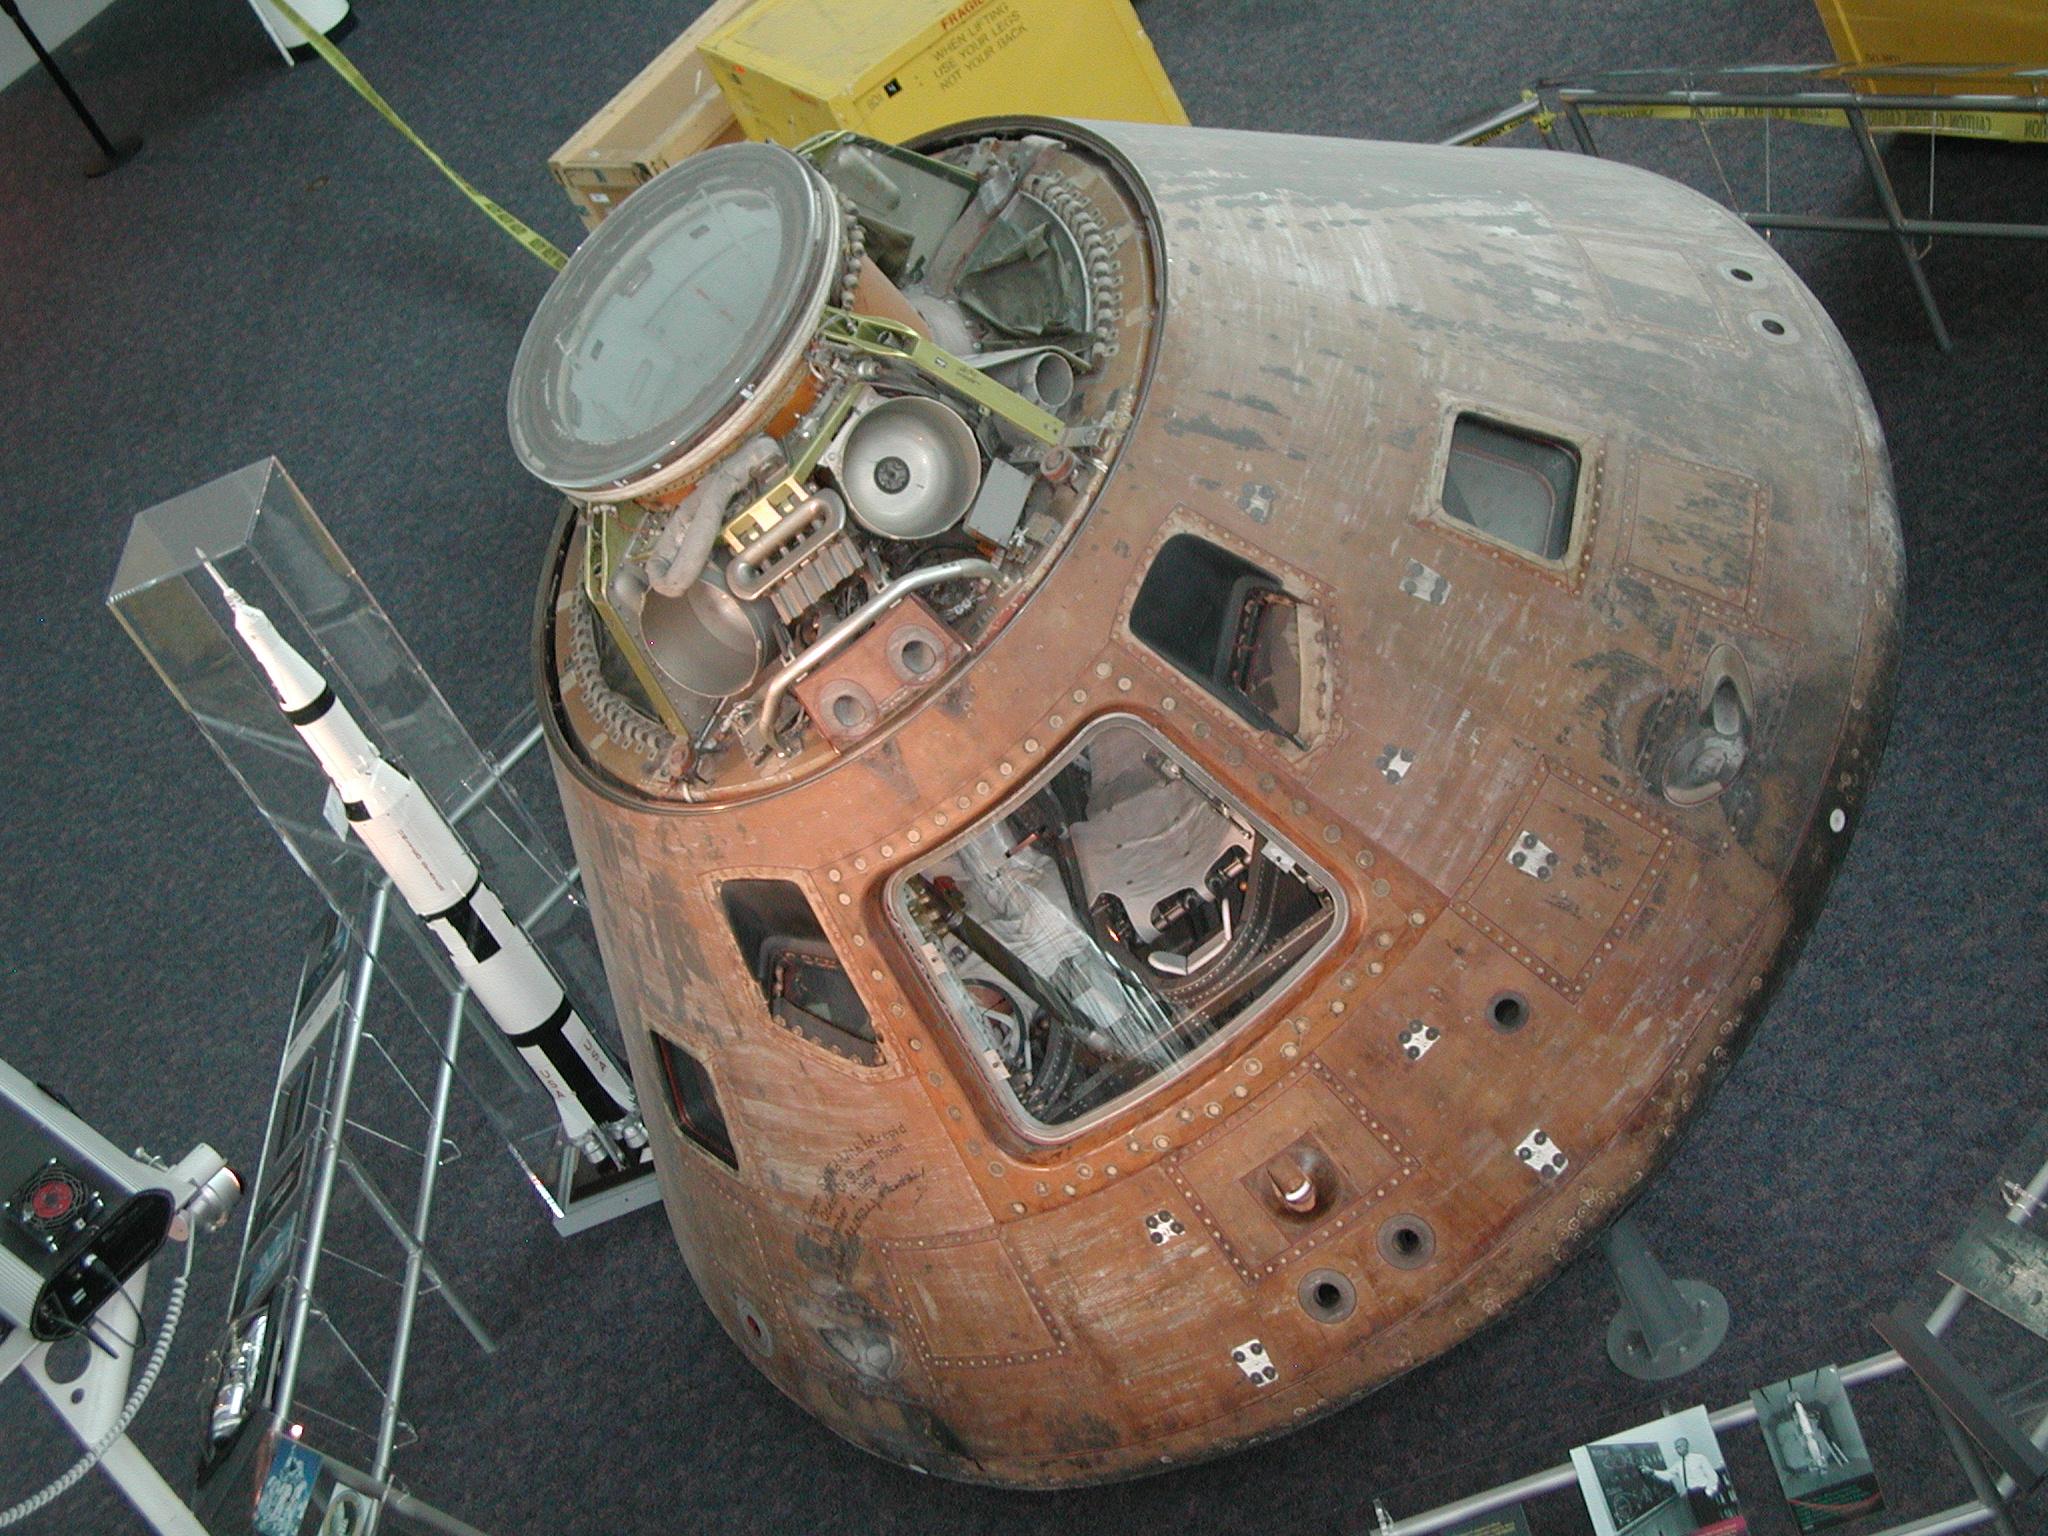 Apollo Command Modules